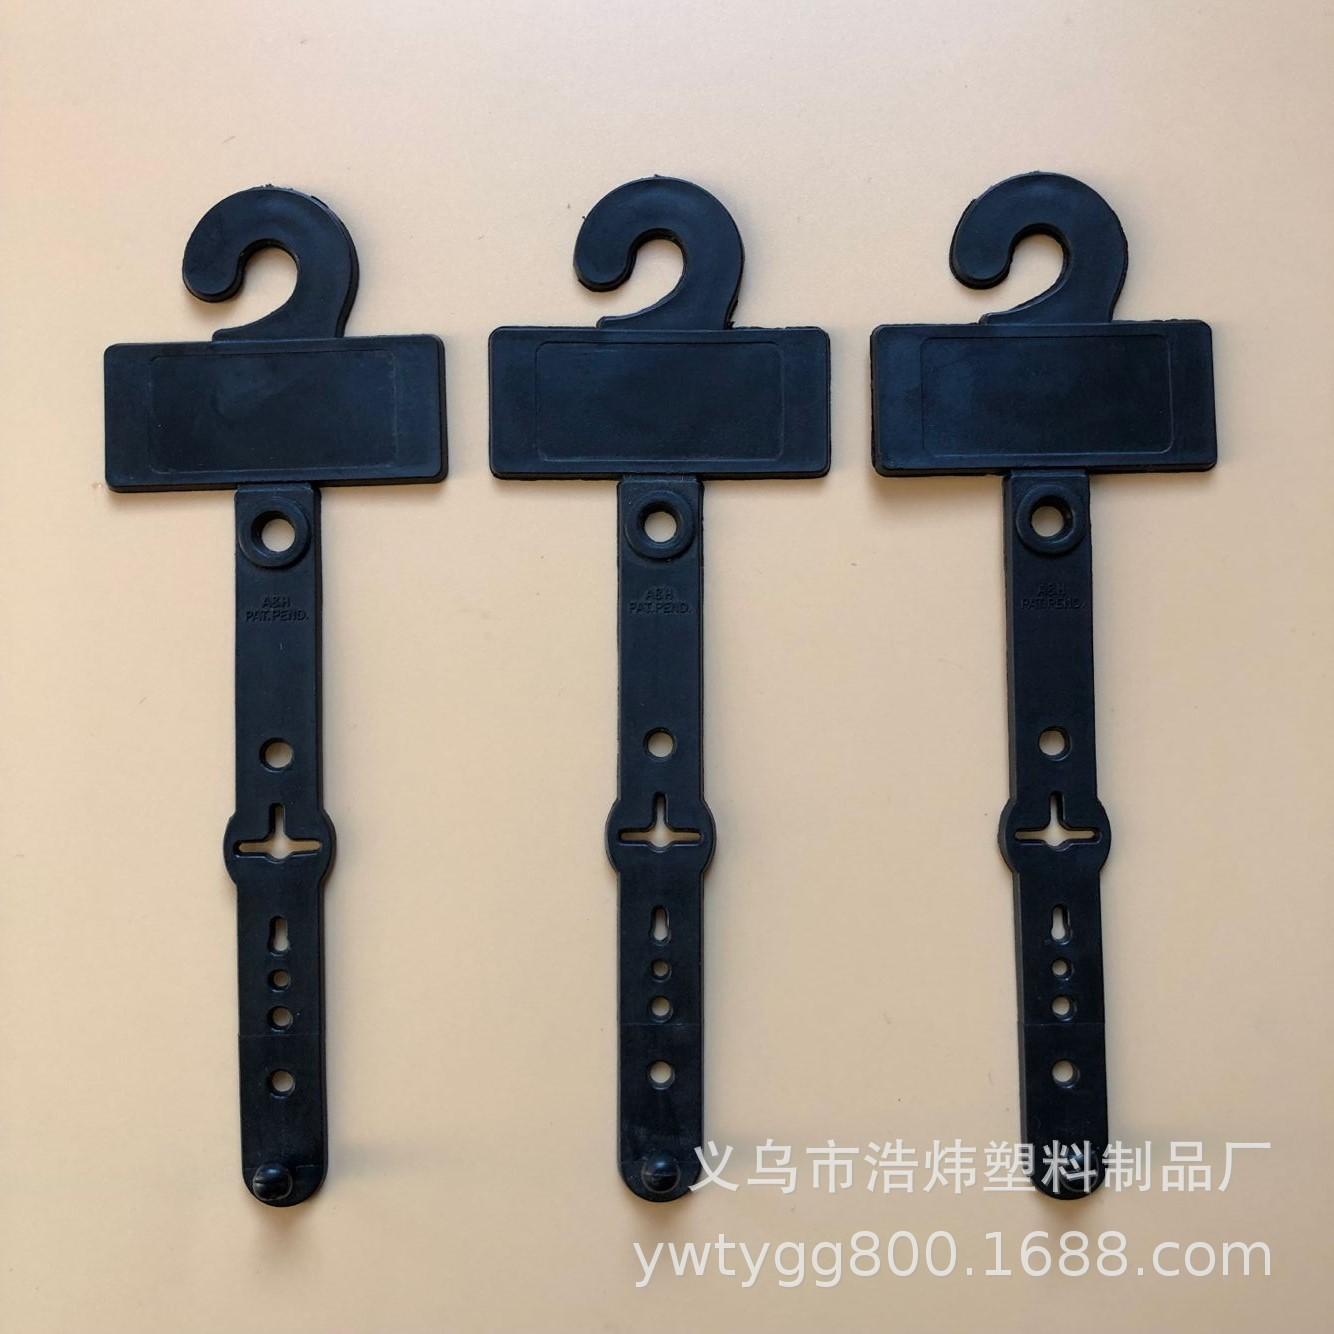 供应皮带挂钩.专业生产厂家.塑料挂钩,编号是E-6.新料环保材料。